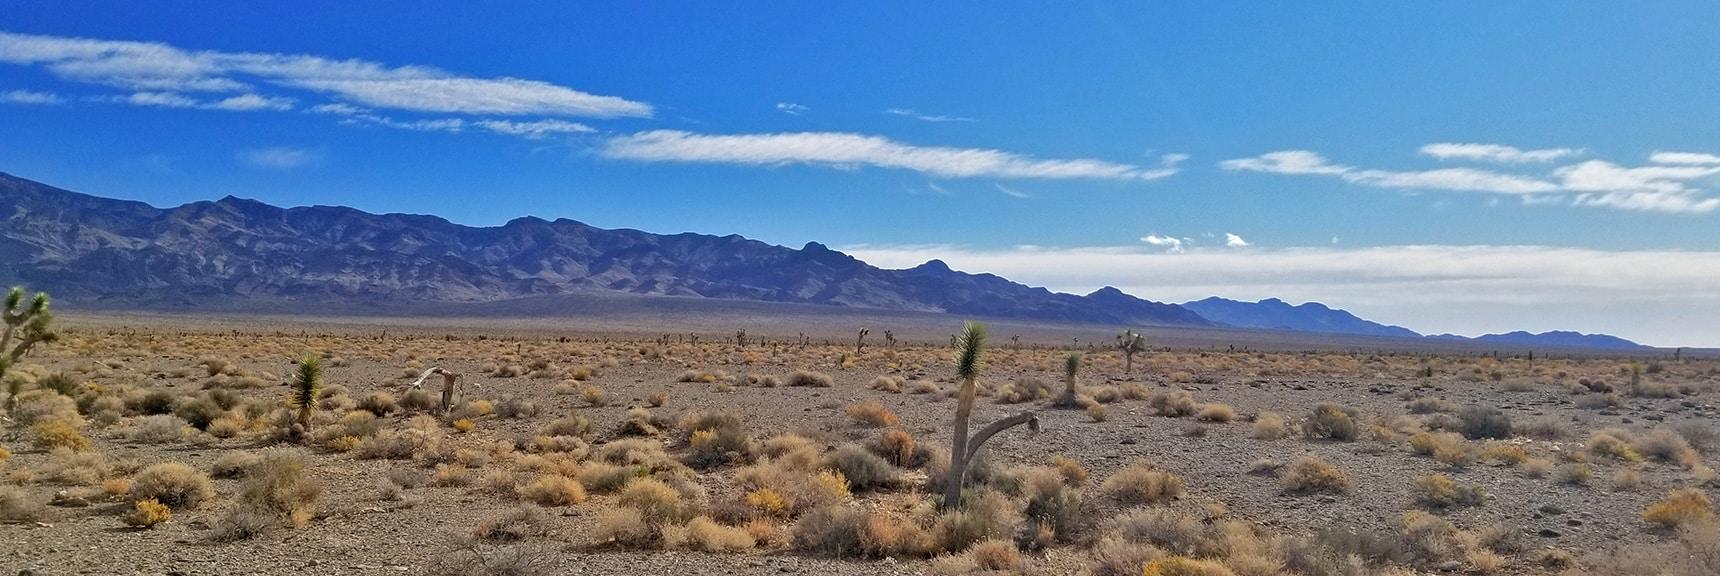 View of the Sheep Range from the Northwest corner to Gass Peak   Lower Alamo Road   Sheep Range   Desert National Wildlife Refuge, Nevada